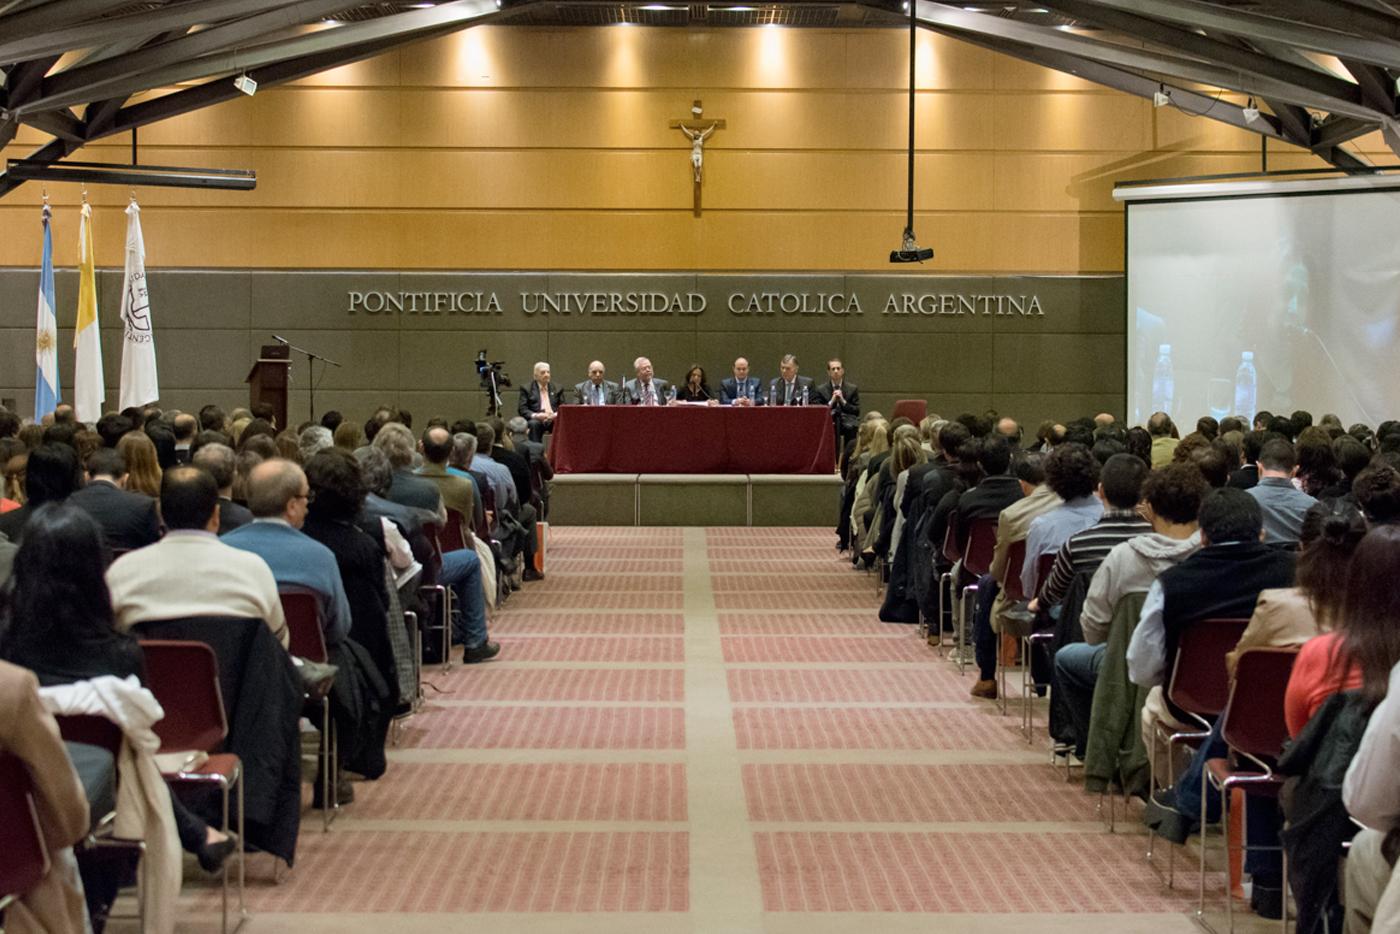 VII – Congreso Internacional de Prevención de Riesgos del Trabajo, Responsabilidad Social y Salud